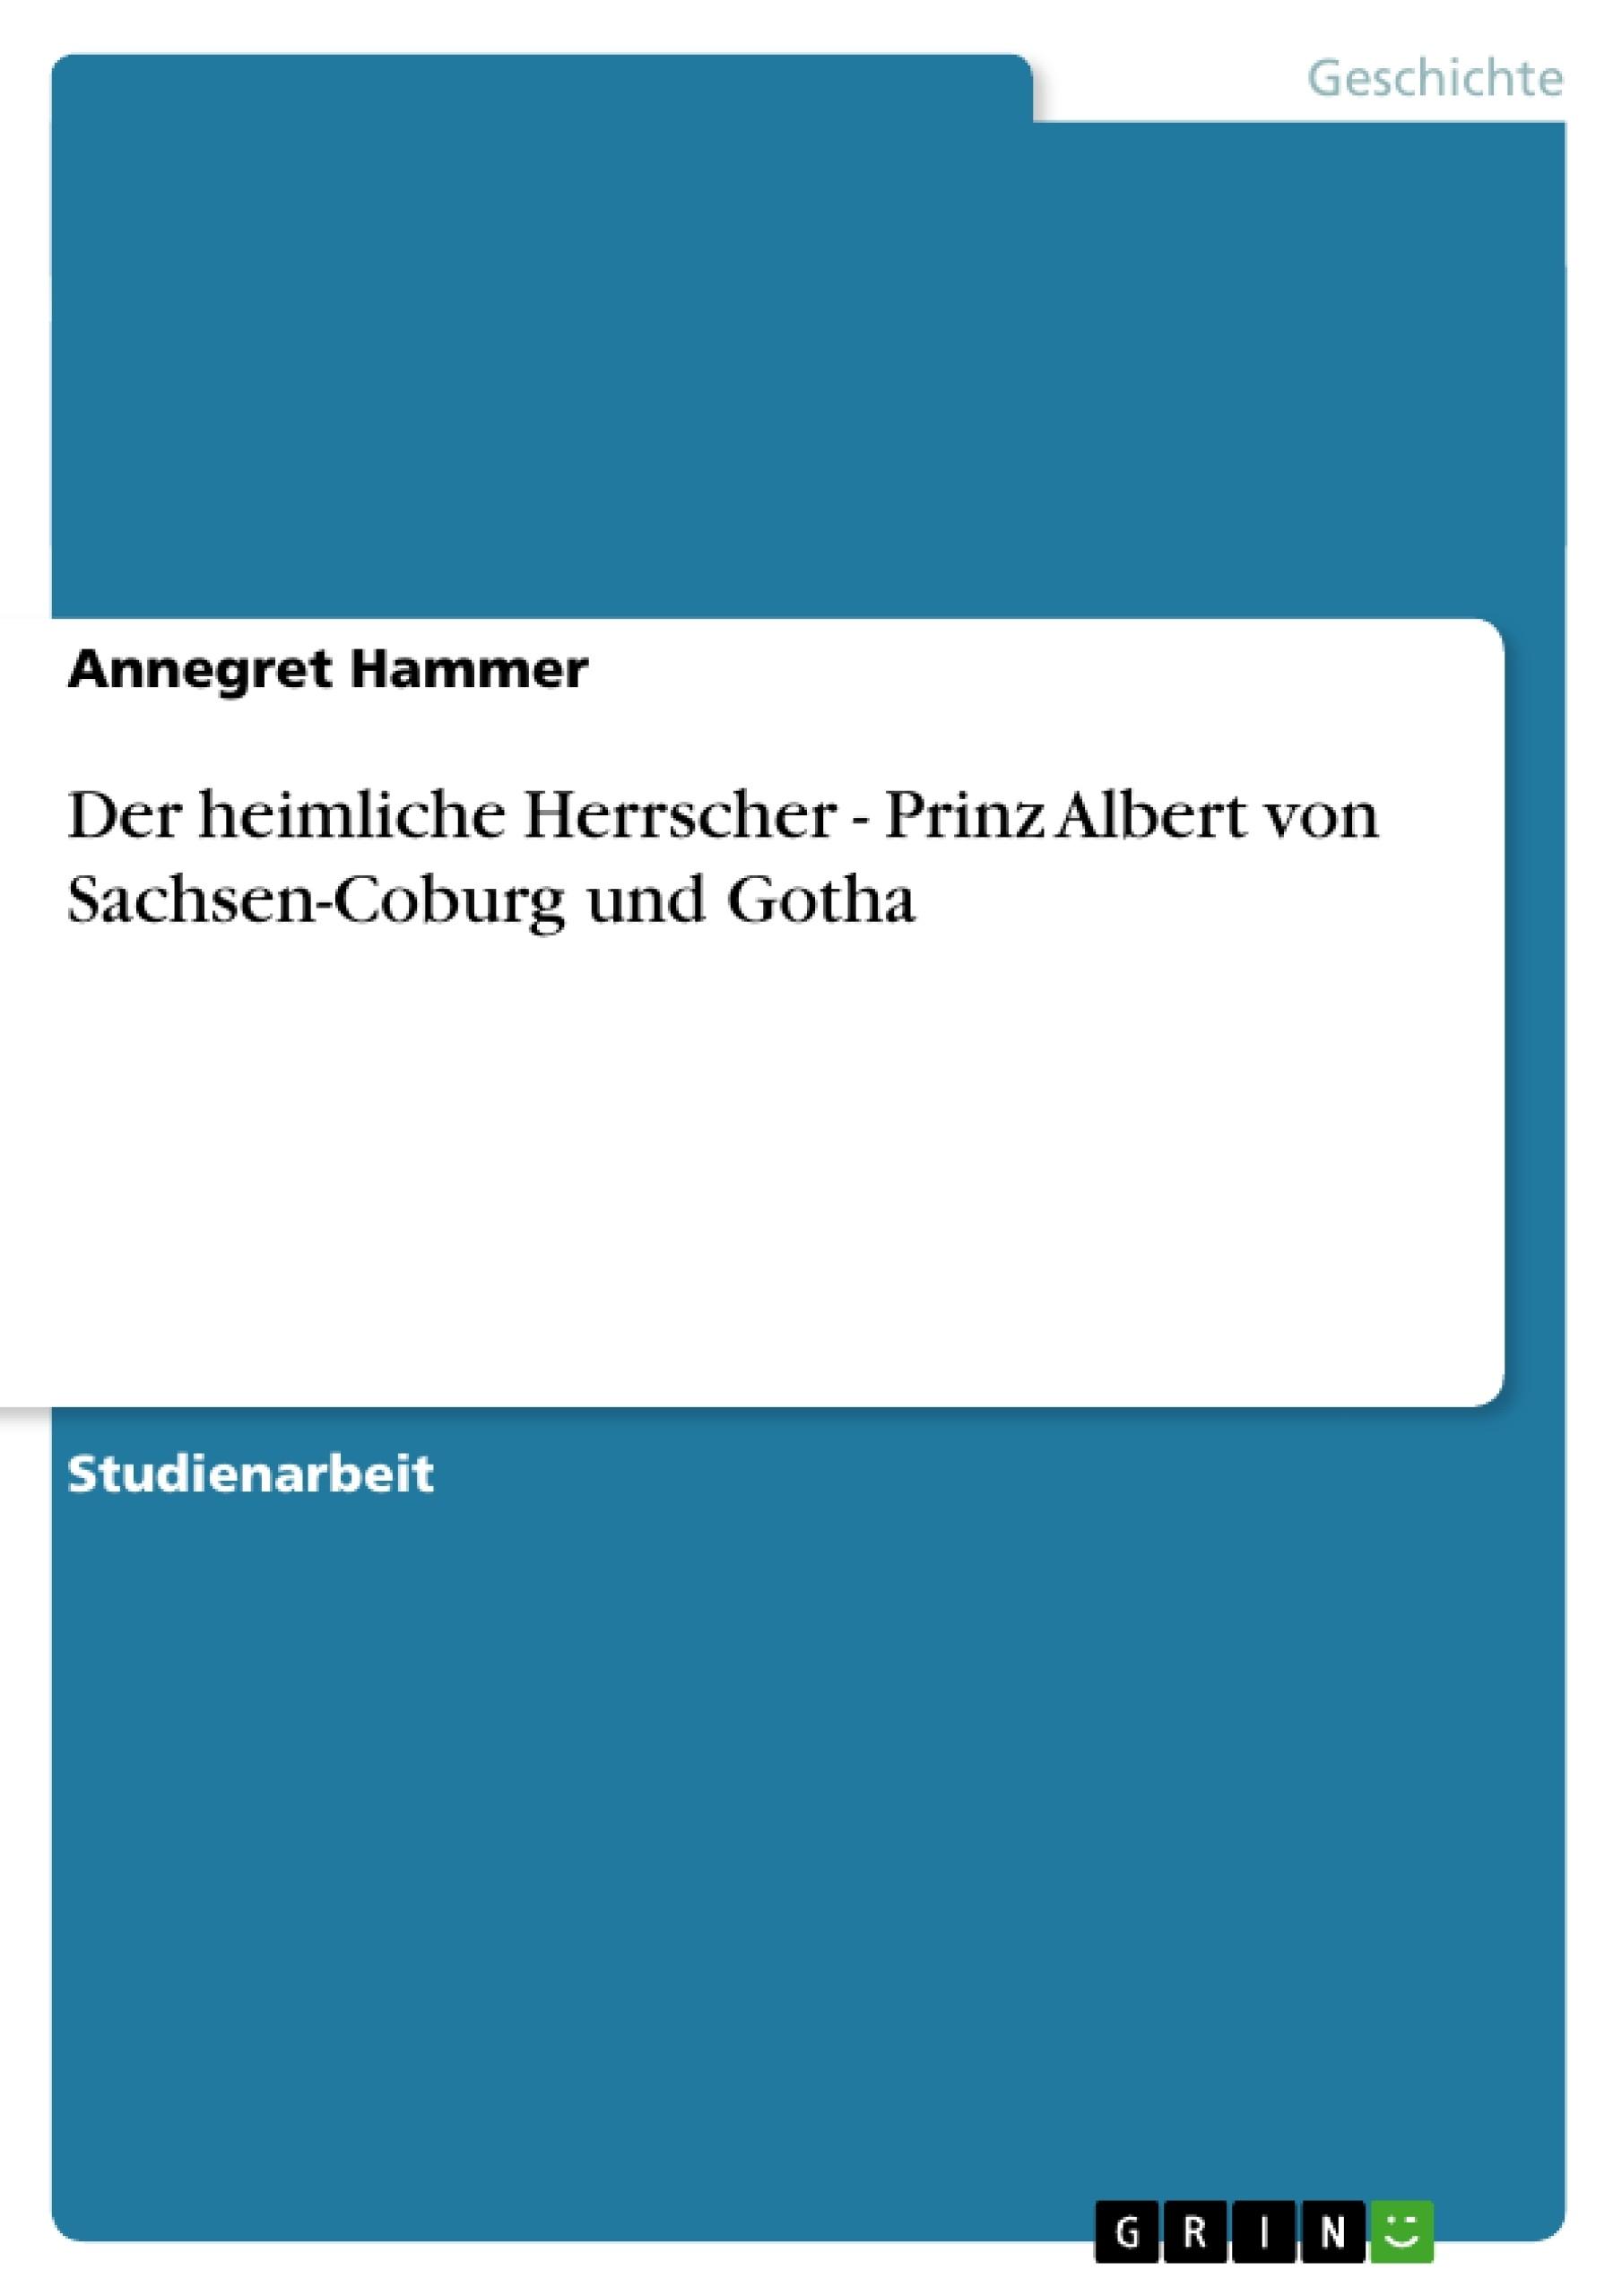 Titel: Der heimliche Herrscher - Prinz Albert von Sachsen-Coburg und Gotha